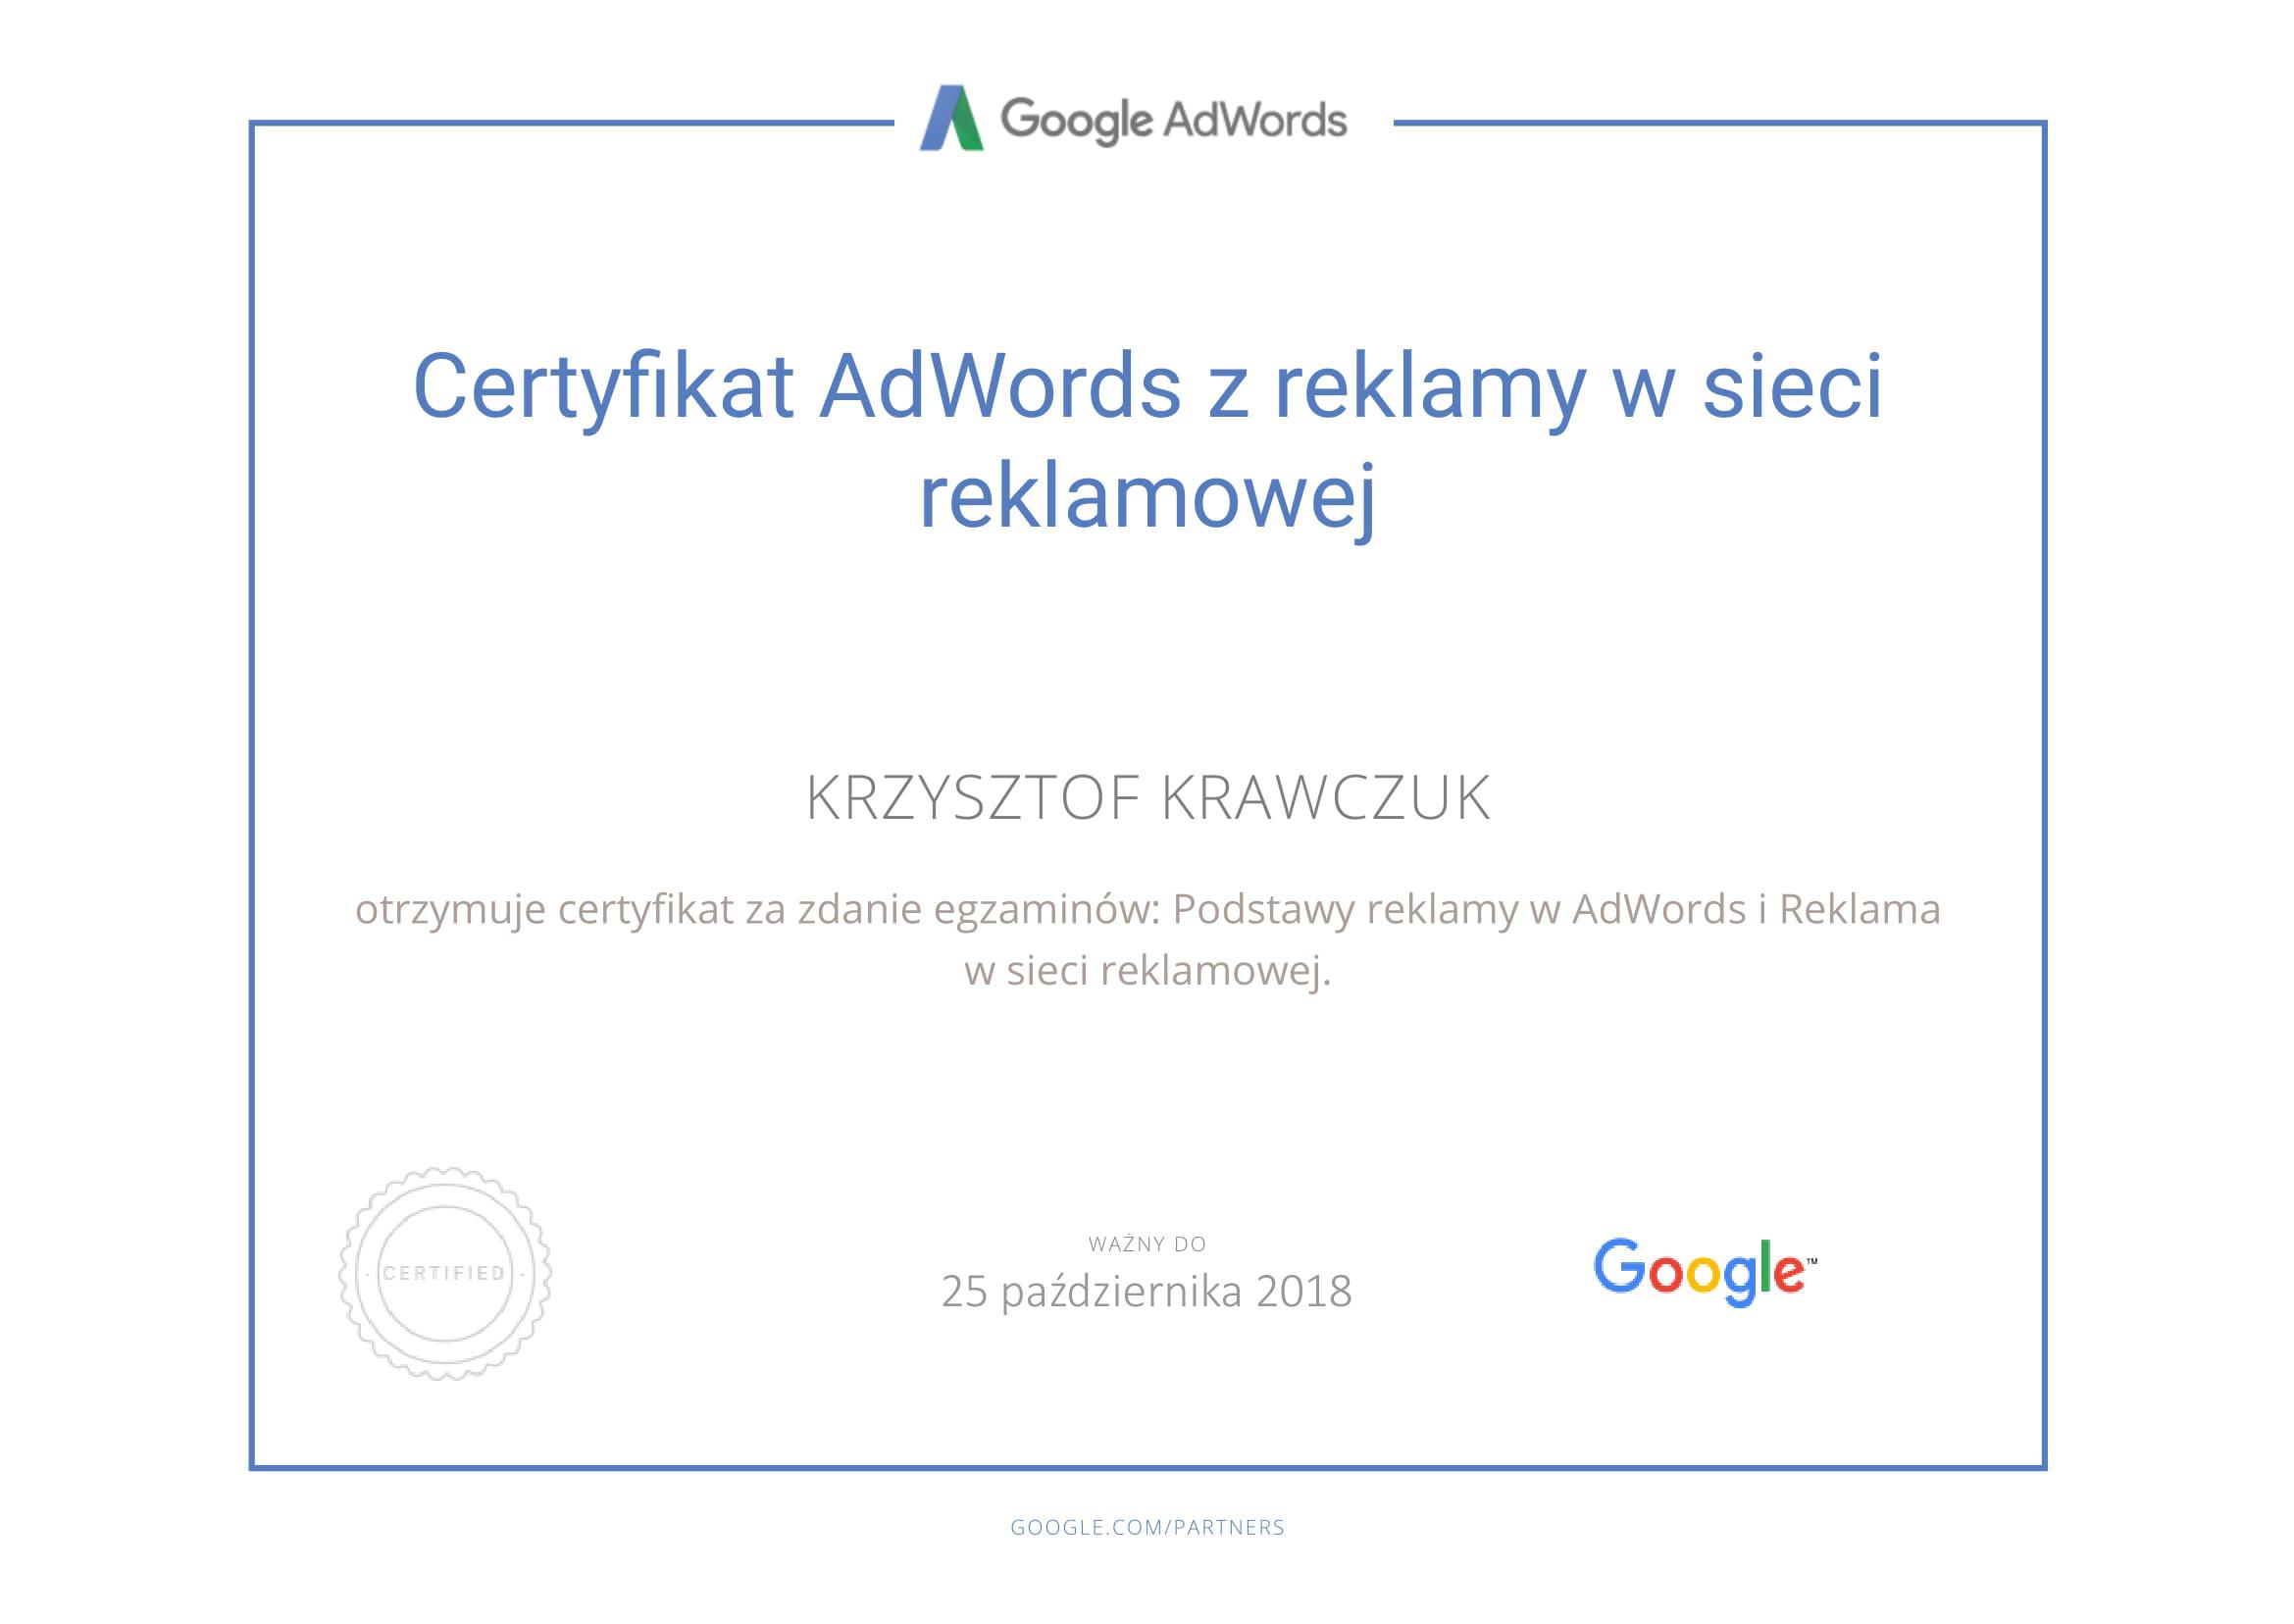 Certyfikat z reklamy w sieciach reklamowych Google